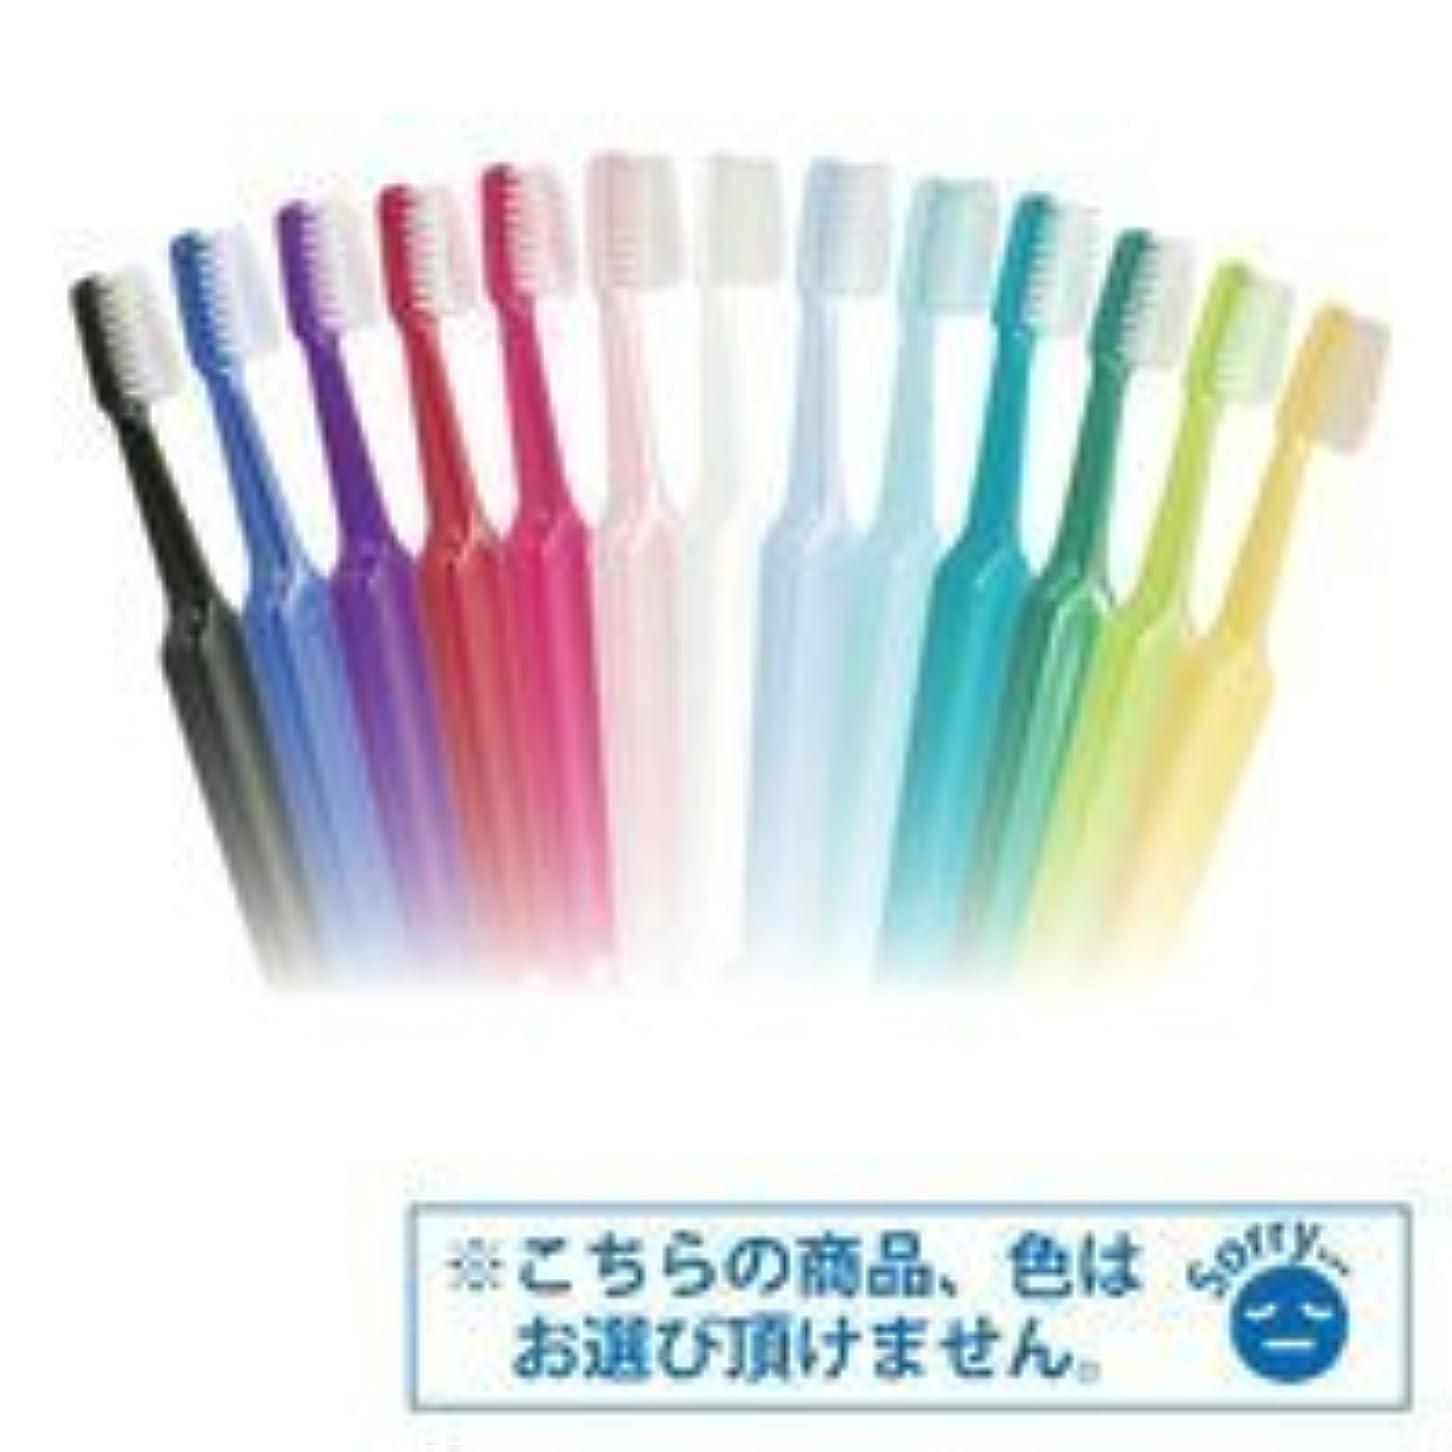 Tepe歯ブラシ セレクトミニ/エクストラソフト 5本入り